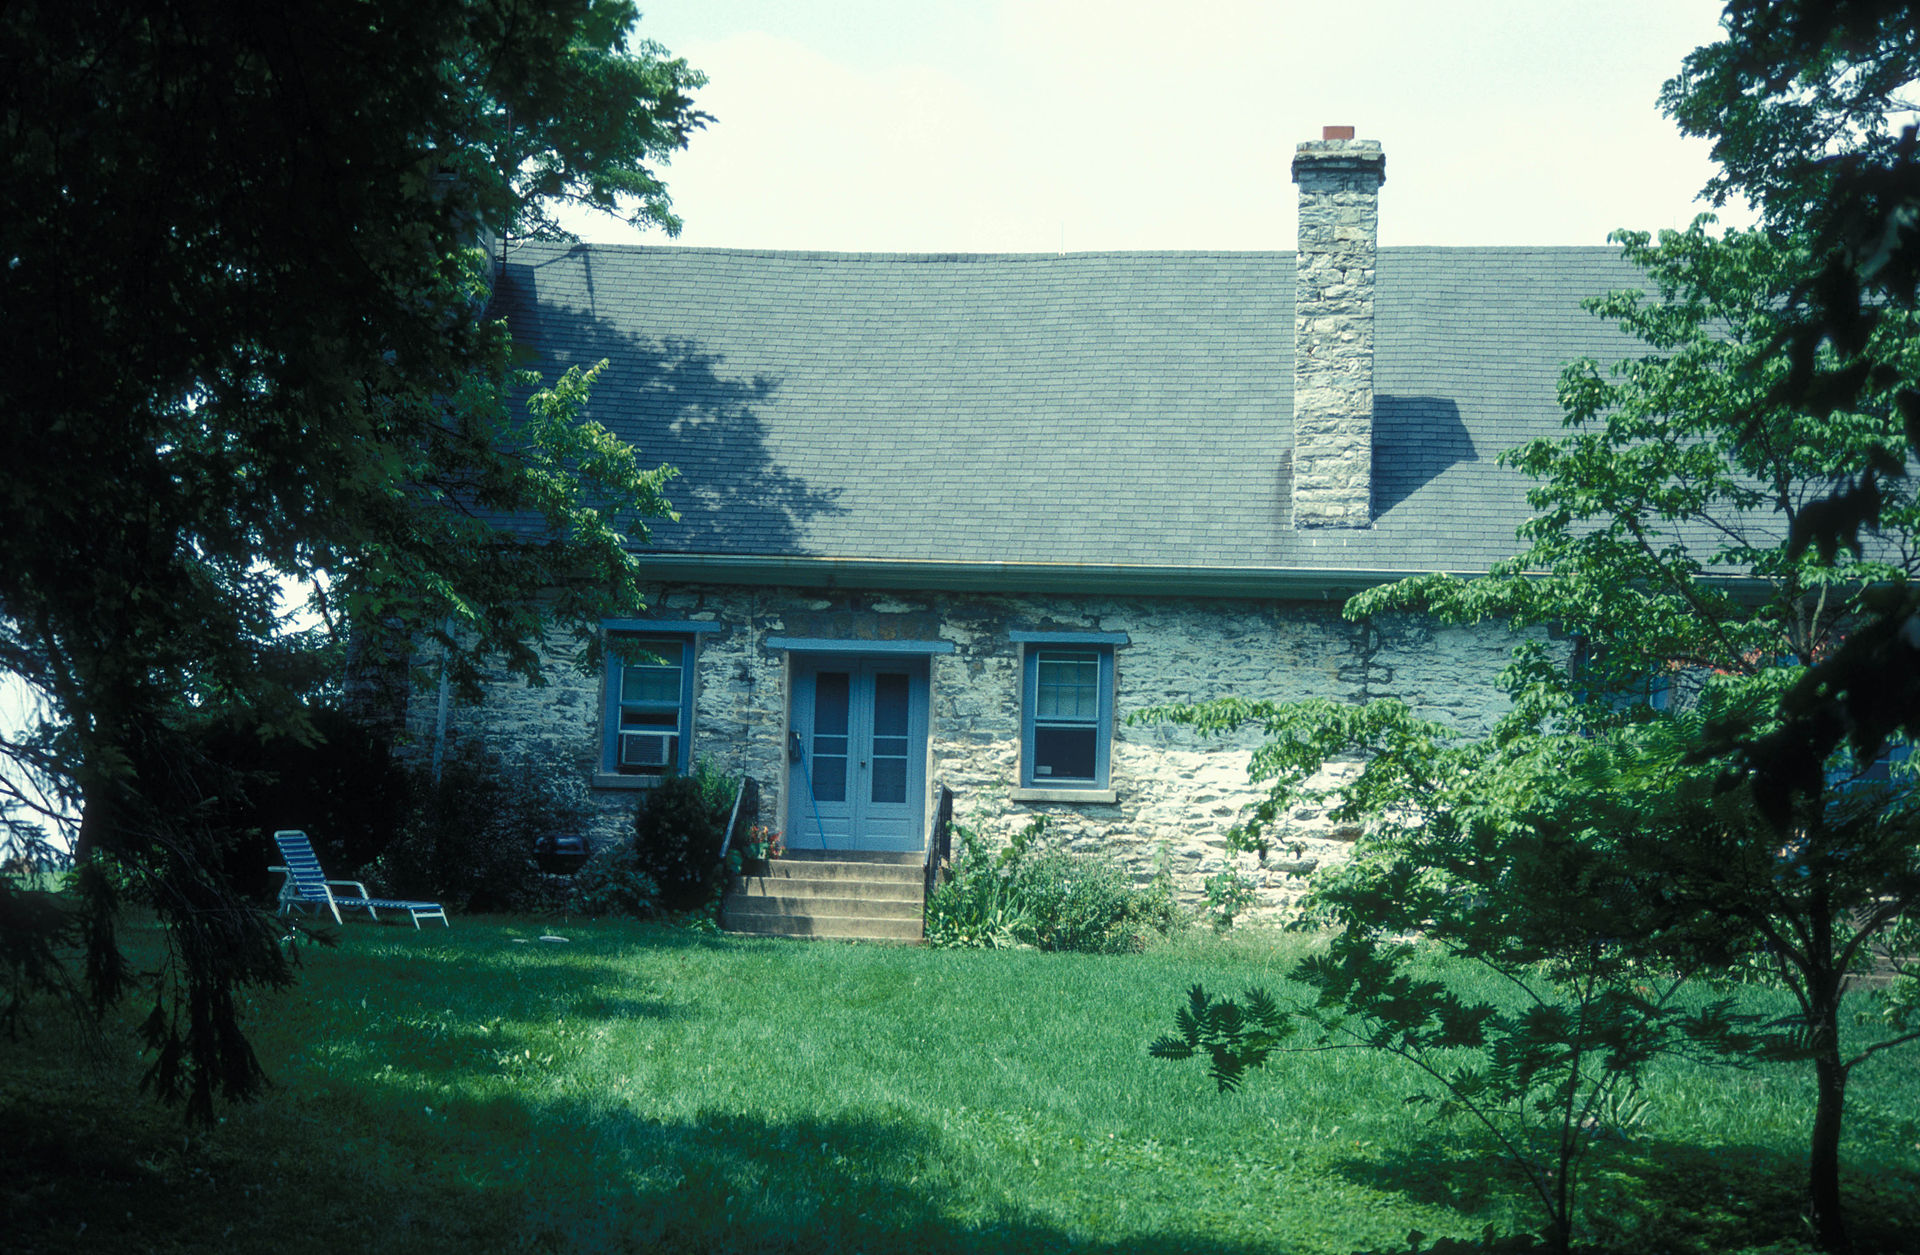 General Charles Lee's house